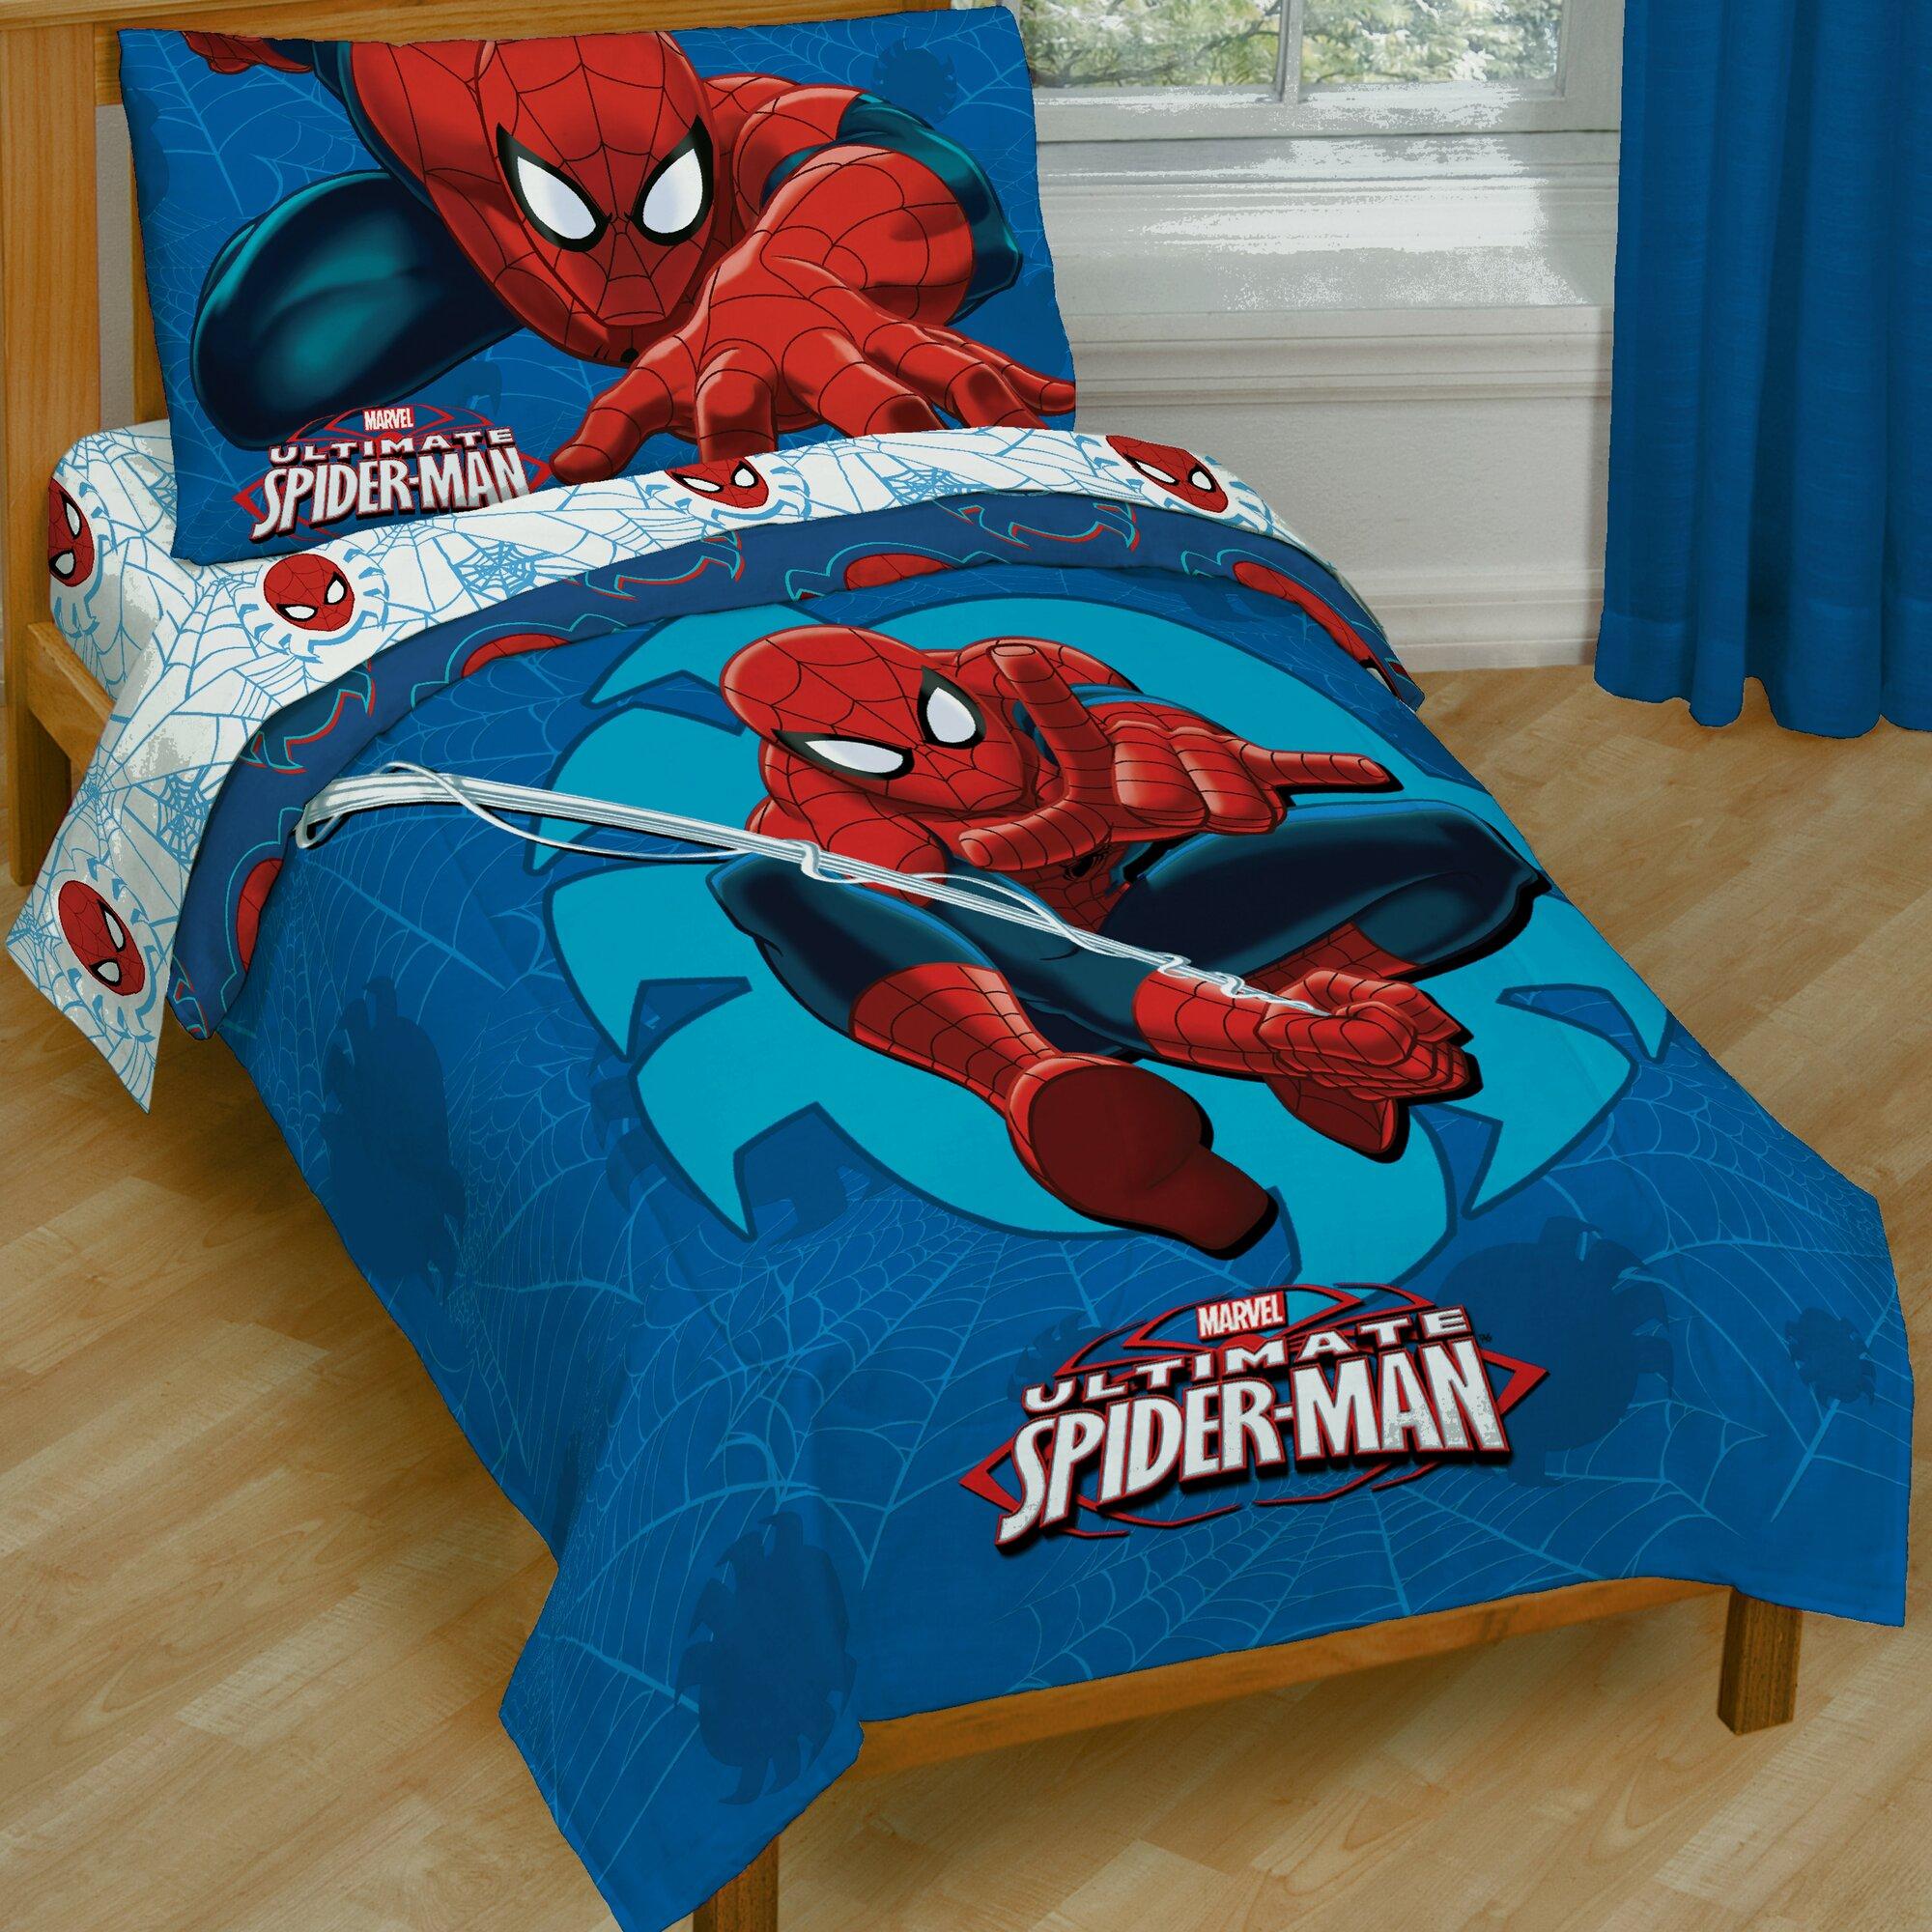 Marvel Spiderman Toddler Bedding Set & Reviews